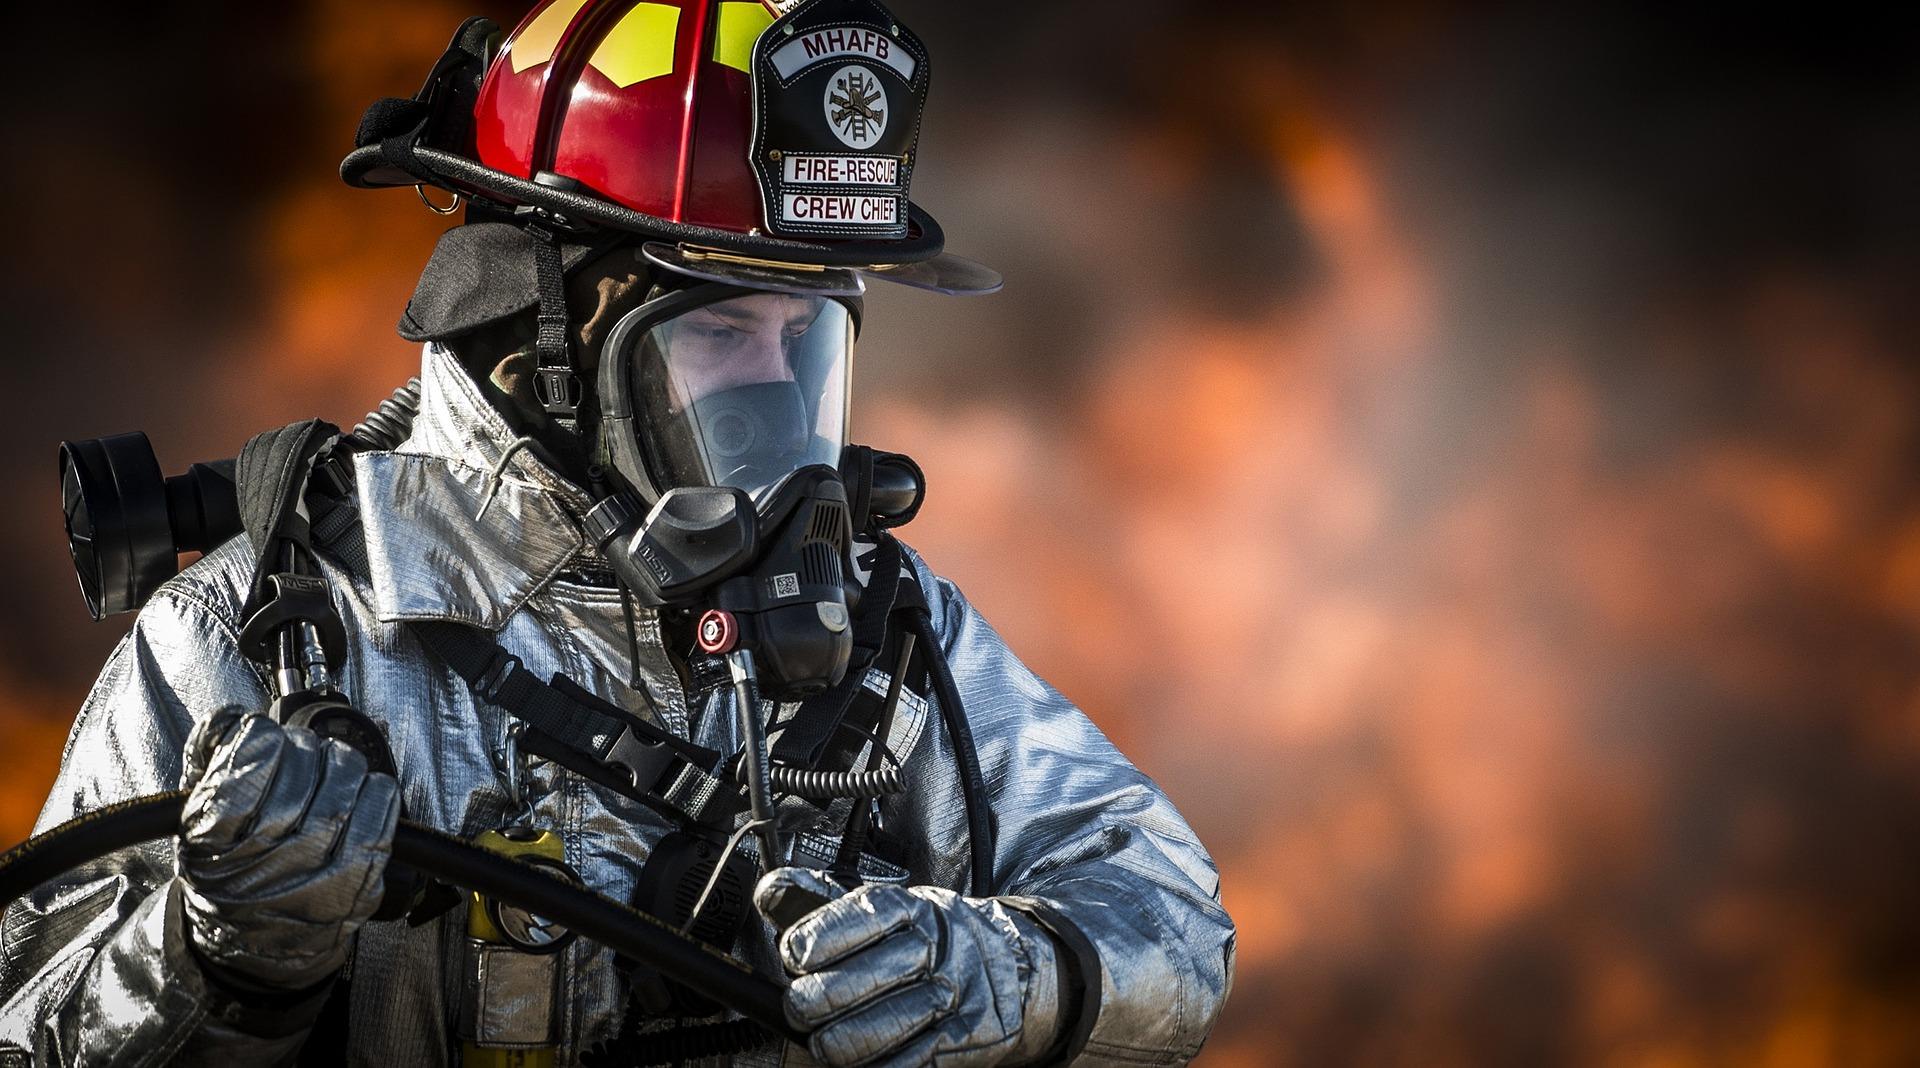 firefighter-752540_1920.jpg